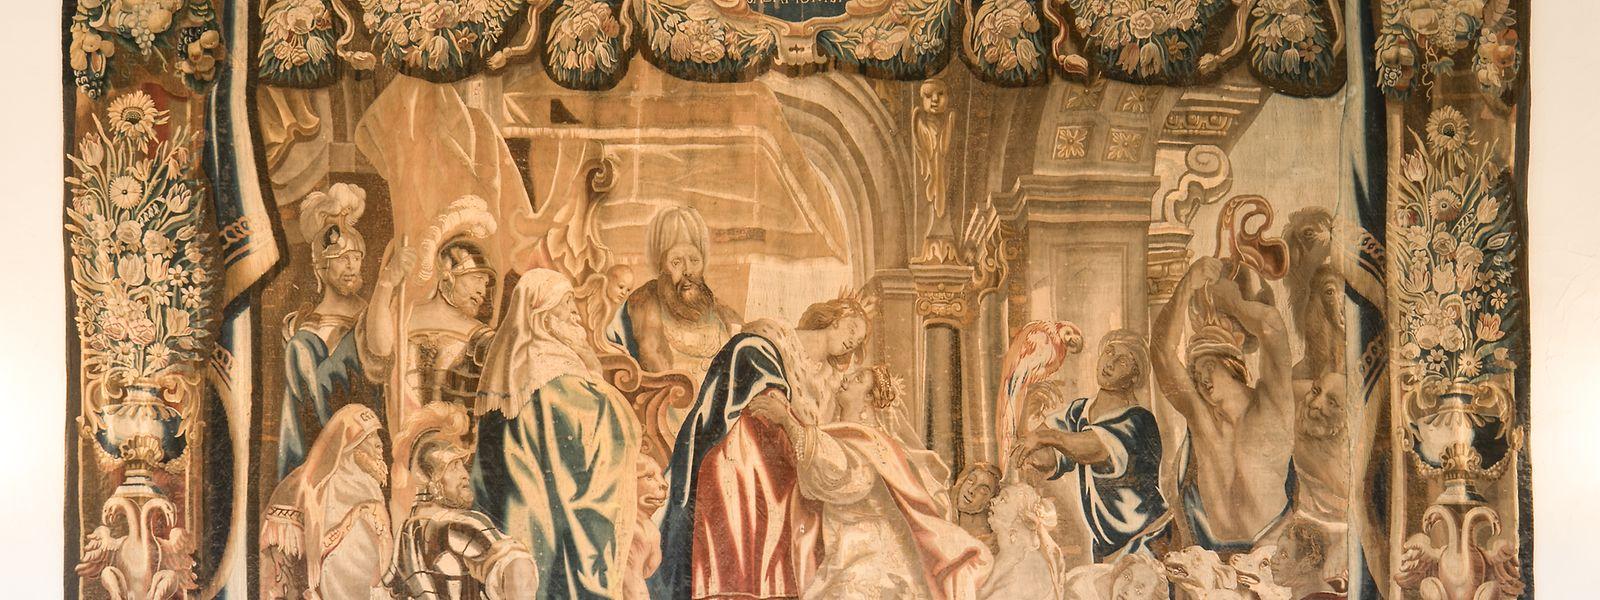 """Die über fünf Meter breite Bildwirkerei """"Begegnung der Königin von Saba und König Salomon"""" wurde im 17. Jahrhundert in Flandern, in der Region von Tournai hergestellt."""